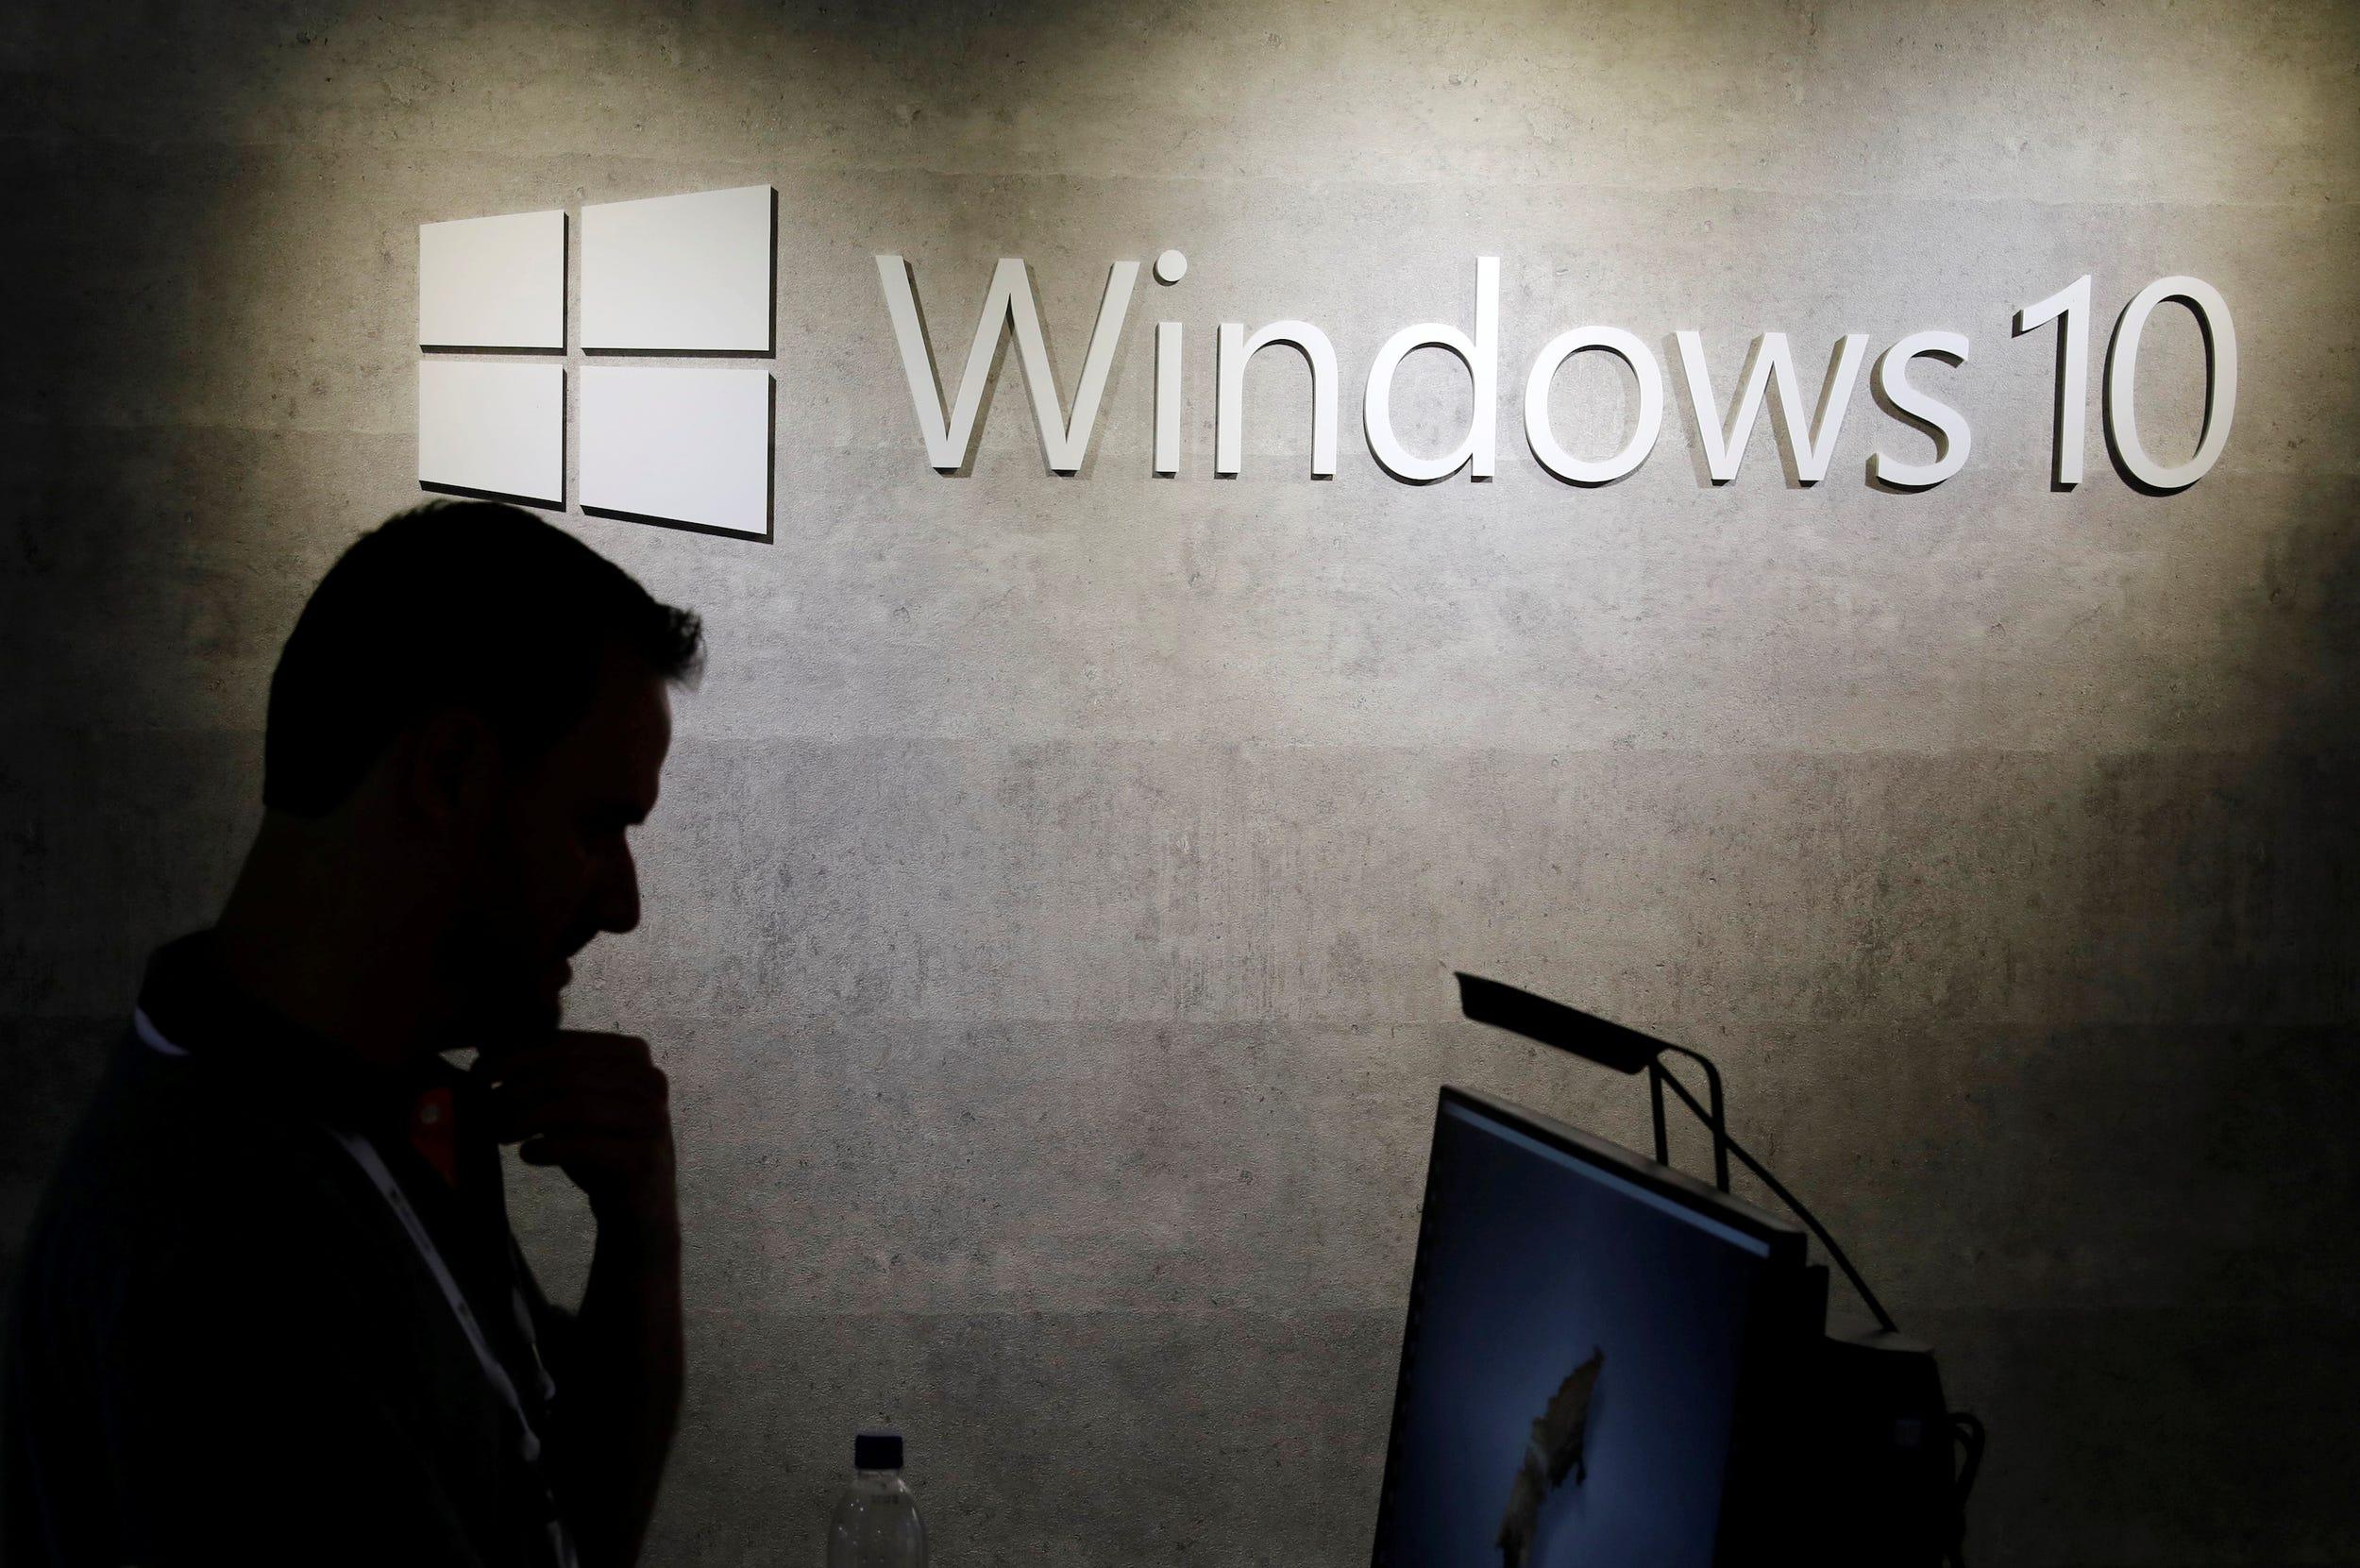 Cách chụp màn hình máy tính Windows 10 theo 3 cách khác nhau 5